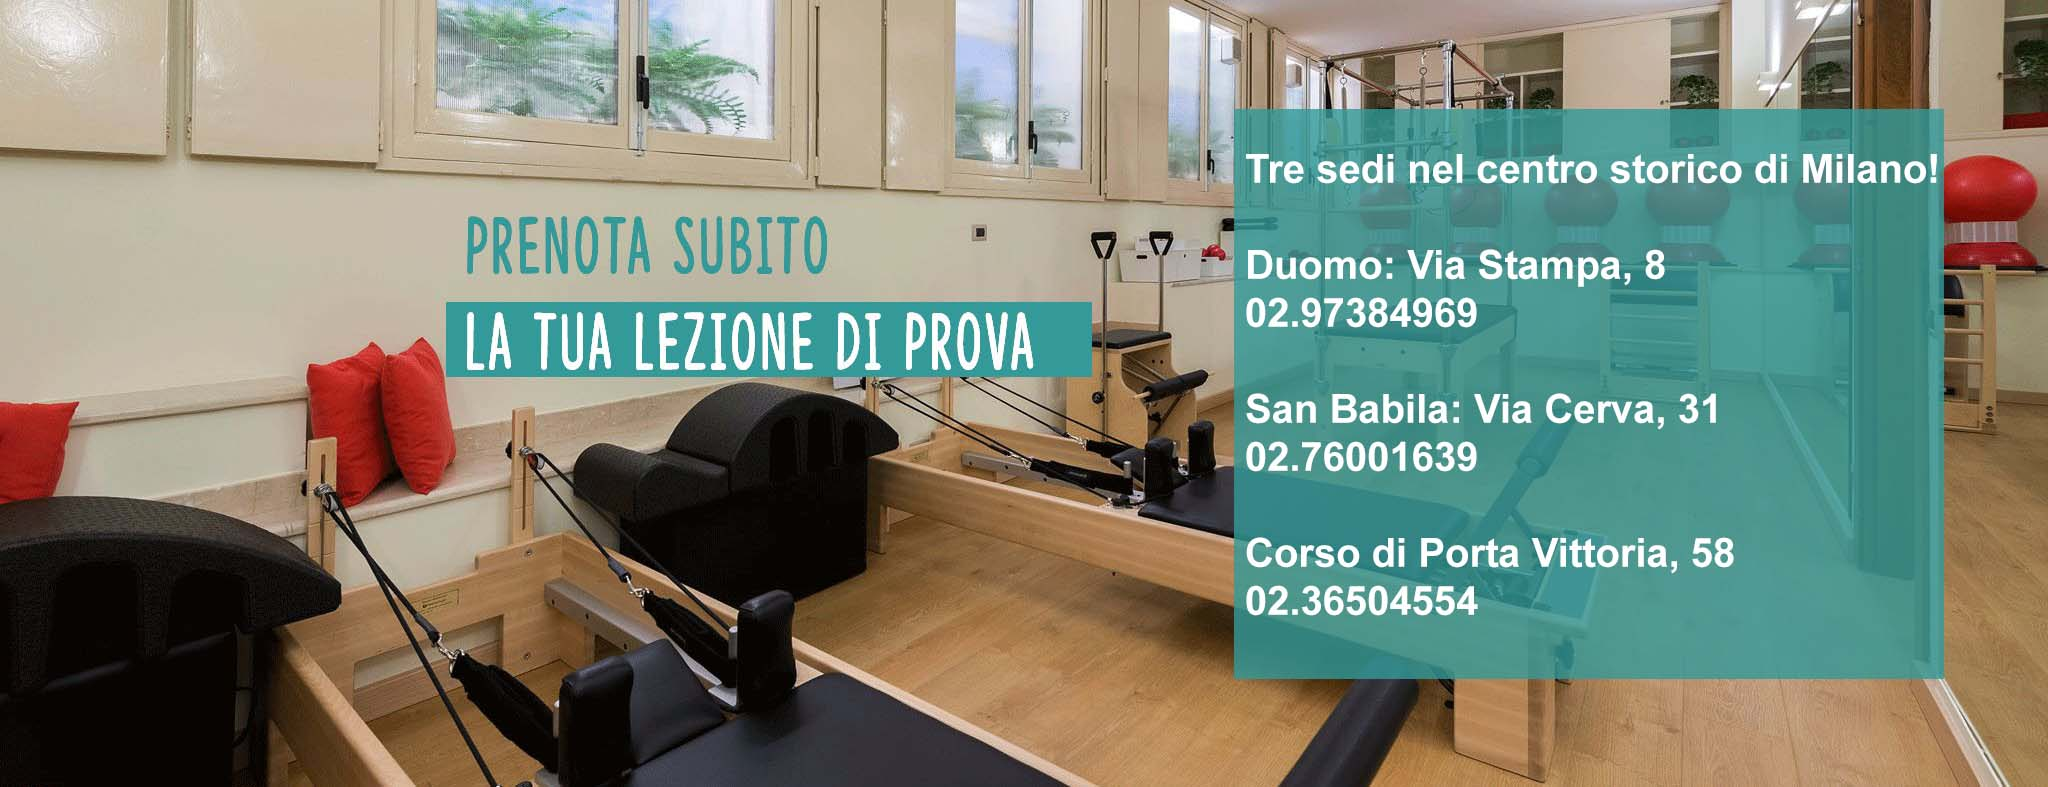 Pilates Corsico - Prenota subito la tua lezione di prova